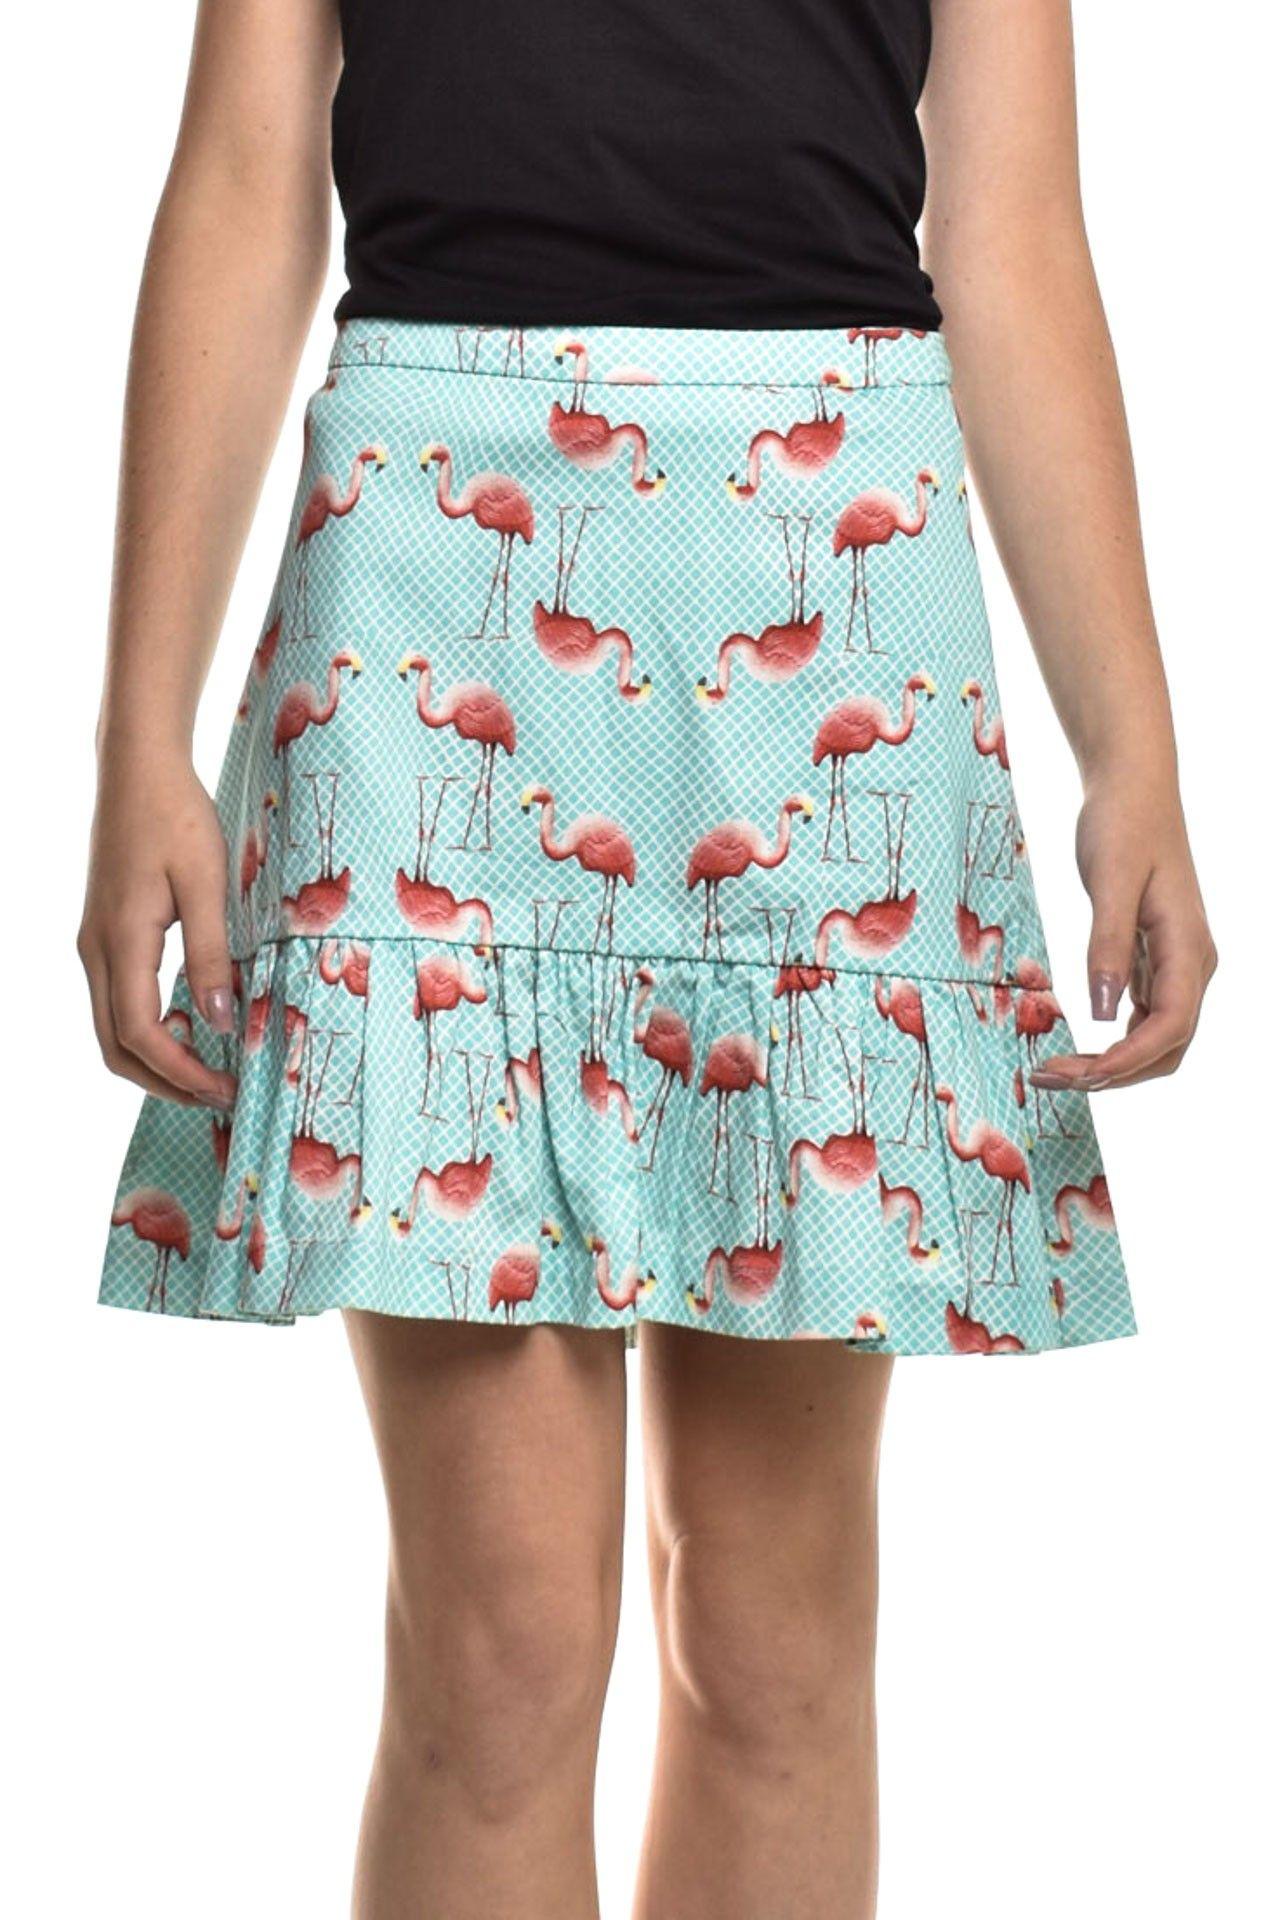 Iorane - Saia Estampa Flamingos - Foto 1